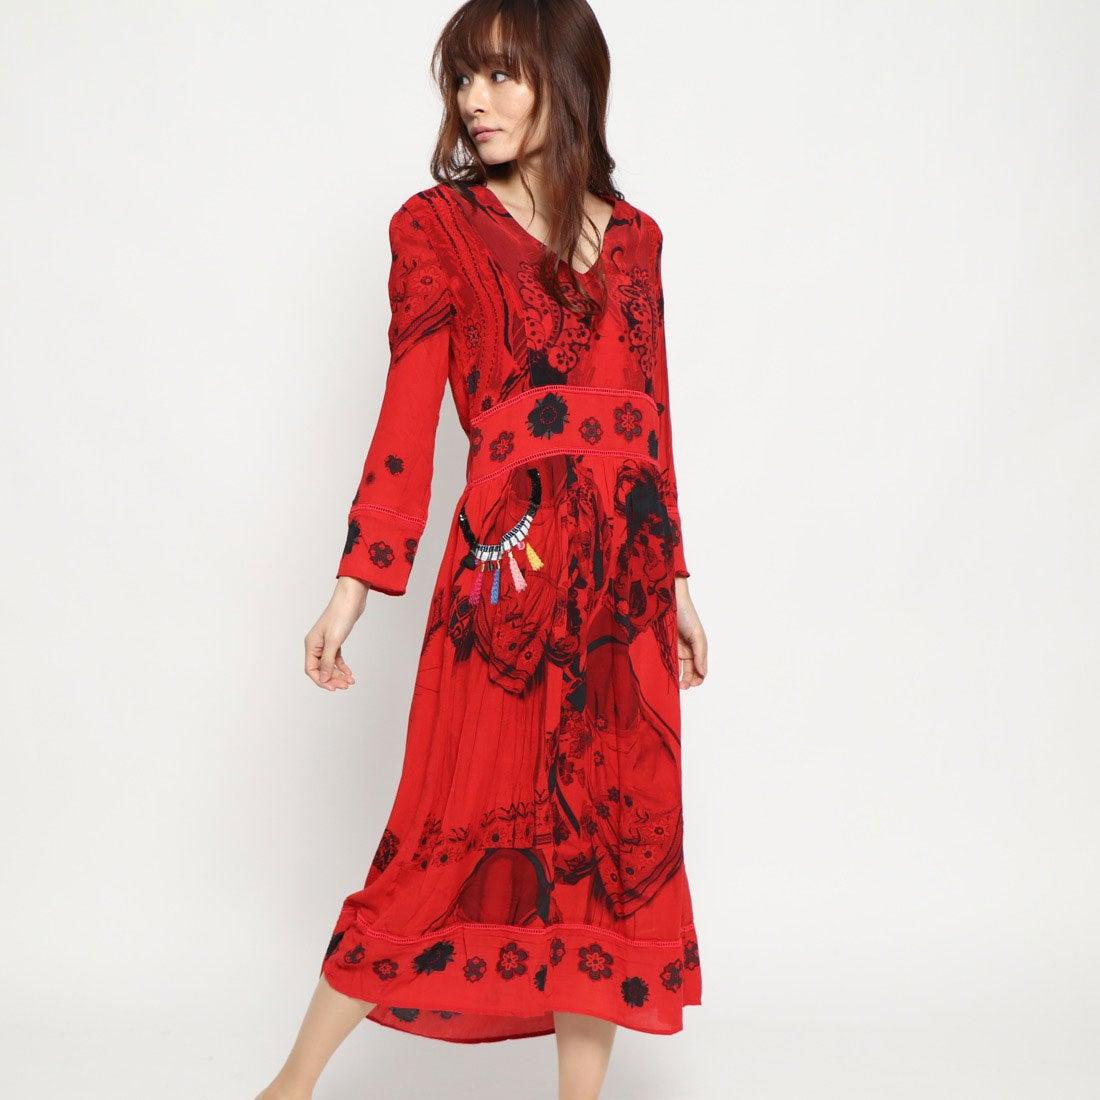 84dabc031c5a5 デシグアル Desigual ドレス長袖 (ピンク レッド) -靴&ファッション通販 ロコンド〜自宅で試着、気軽に返品